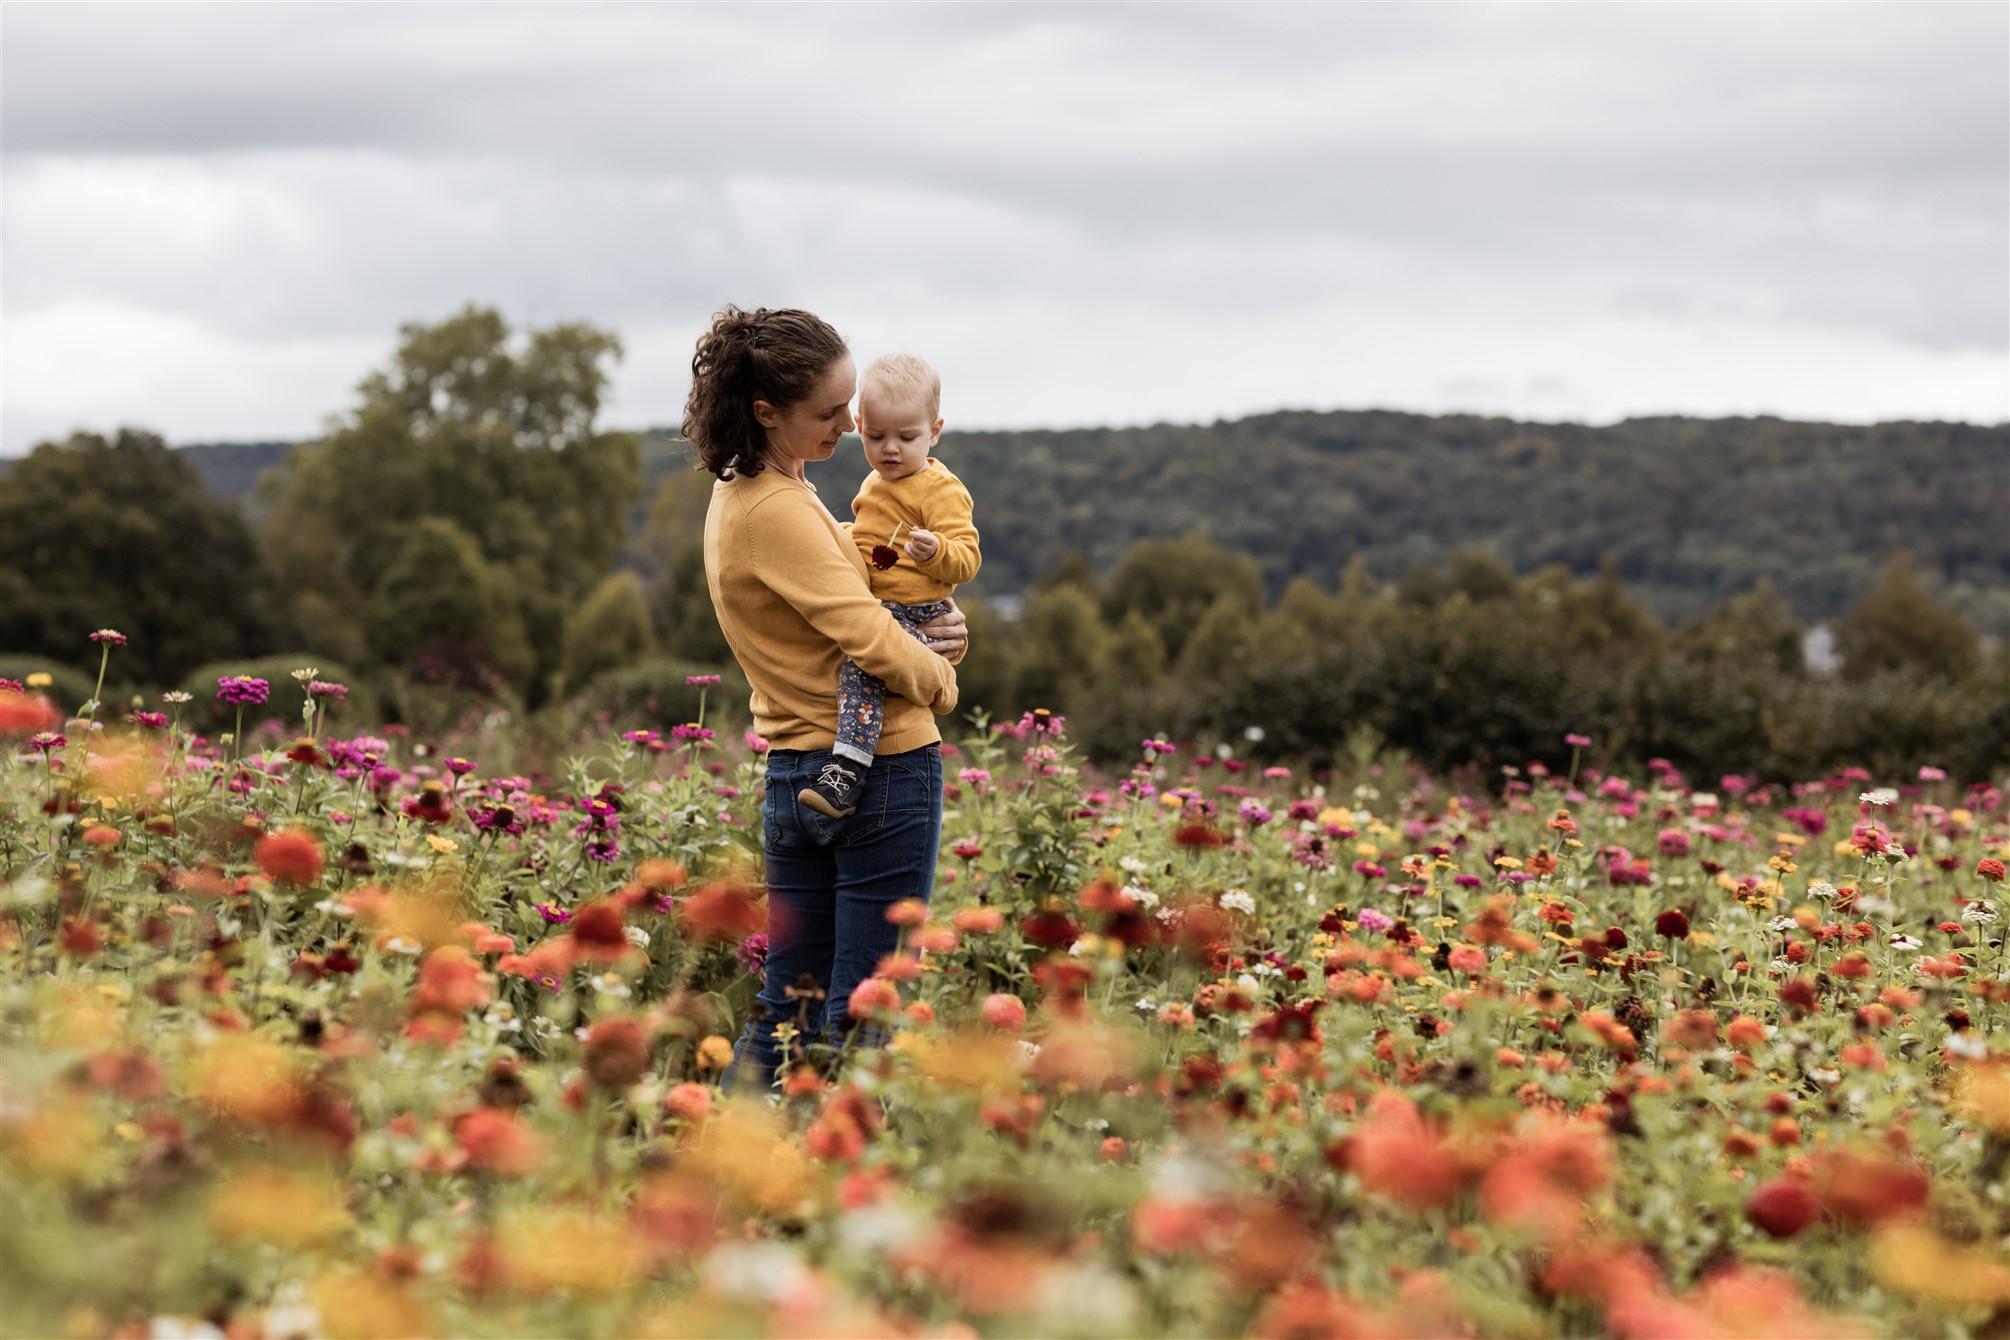 Familien Fotoshooting in Basel - Familienfotoshooting inmitten von einem Blumenfeld - Die Mama mit ihrer Tochter